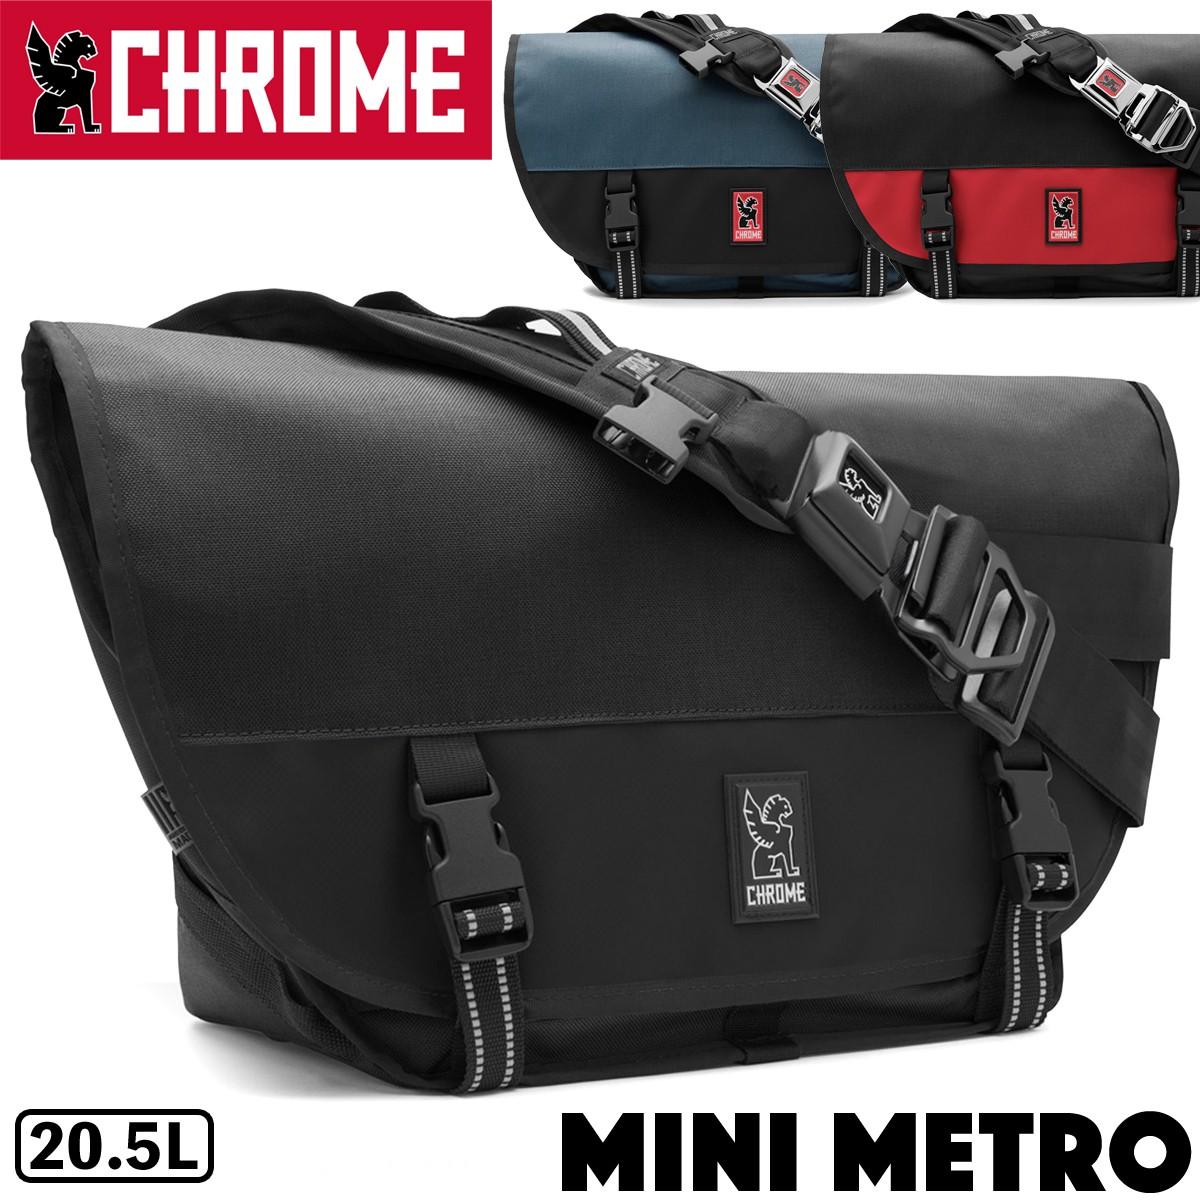 CHROME MINI METRO